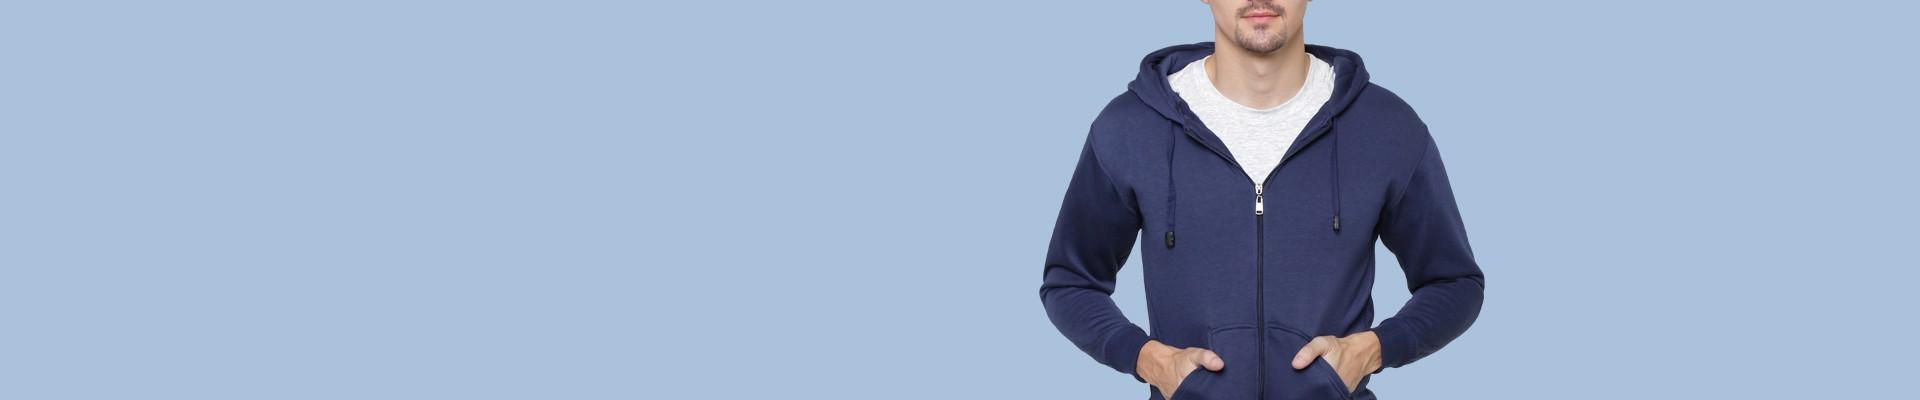 Jual Hoodie Pria Model Terbaru - Beli Hoodie Pria Online